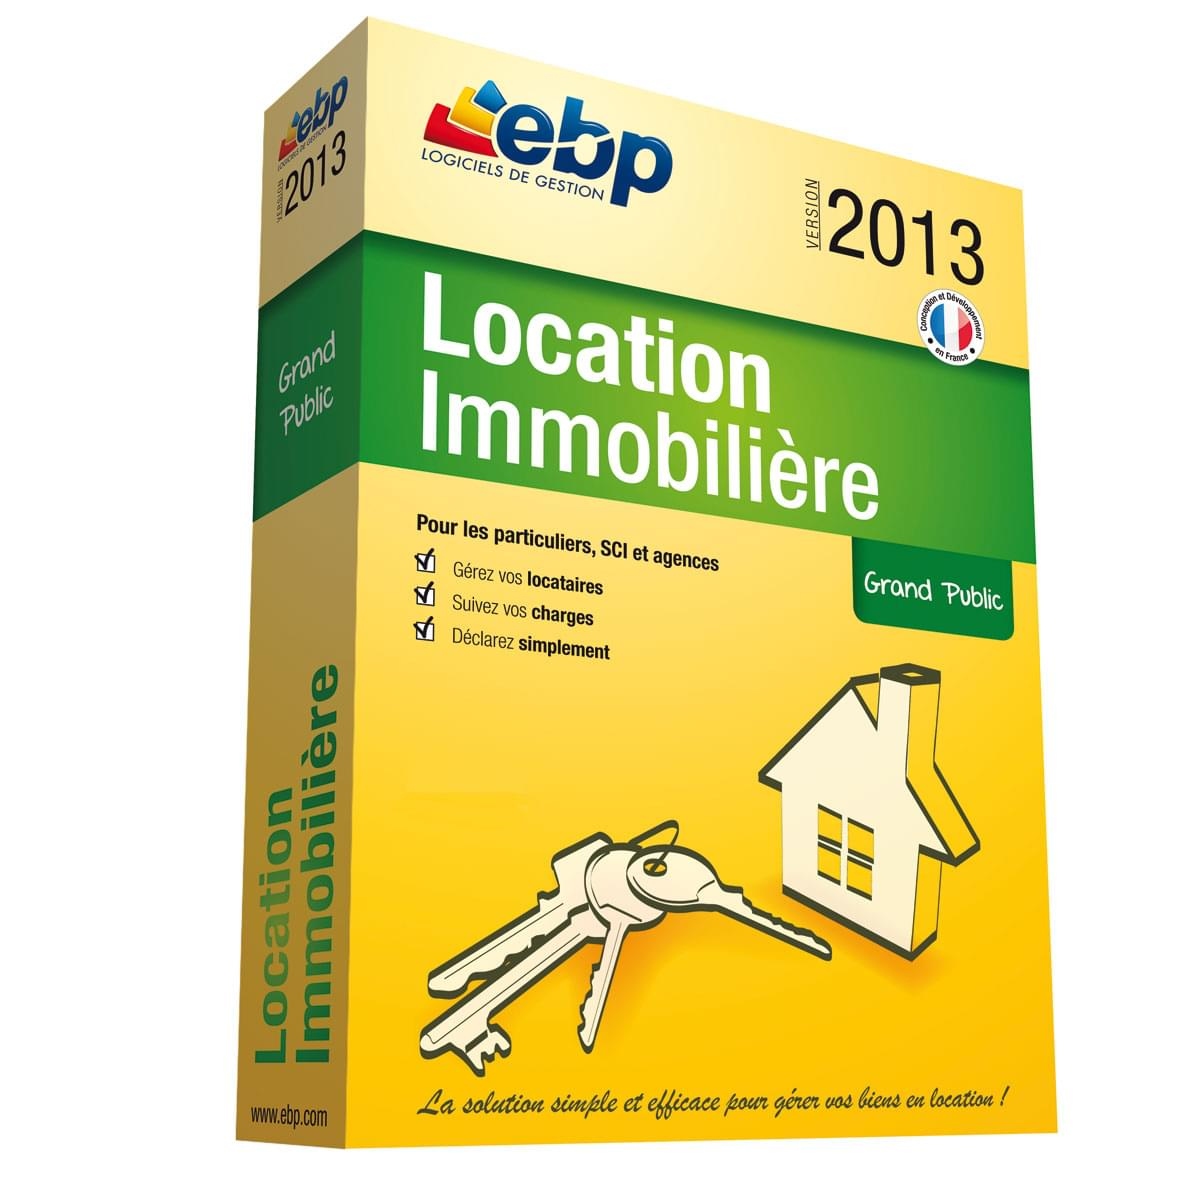 EBP Location Immobilière 2013 version 50 Lots (1053J050FBD) - Achat / Vente Logiciel Application sur Cybertek.fr - 0